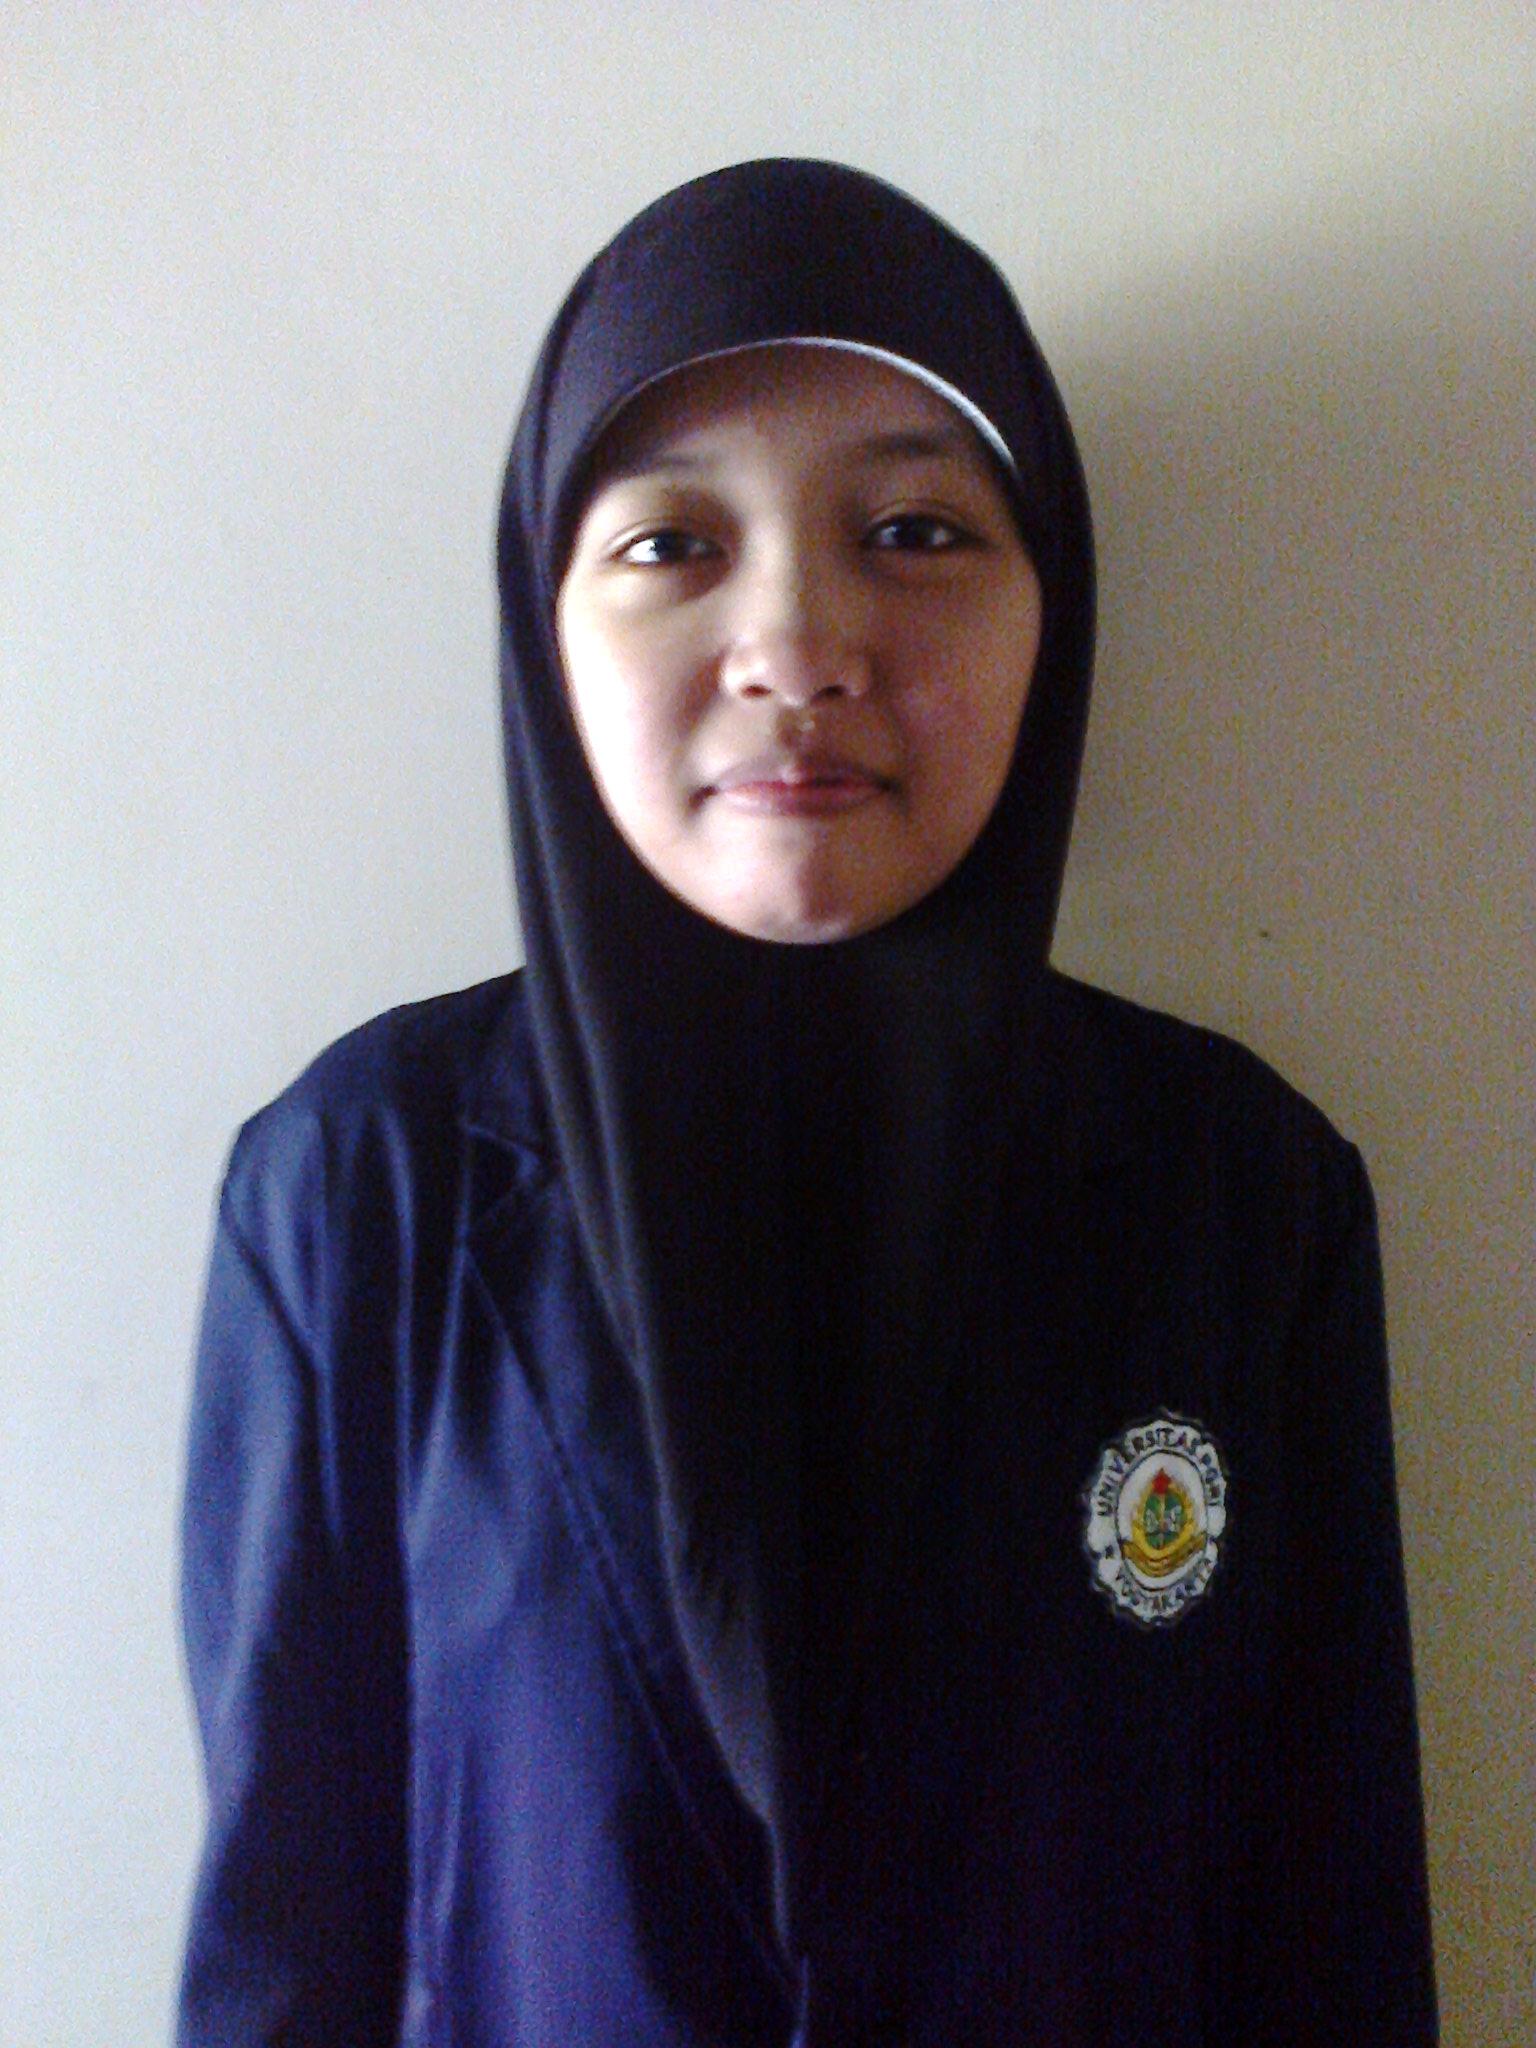 Kumpulan Novel Tentang Pendidikan 2013 Kumpulan Judul Contoh Skripsi Bahasa Inggris << Contoh 20131227 005